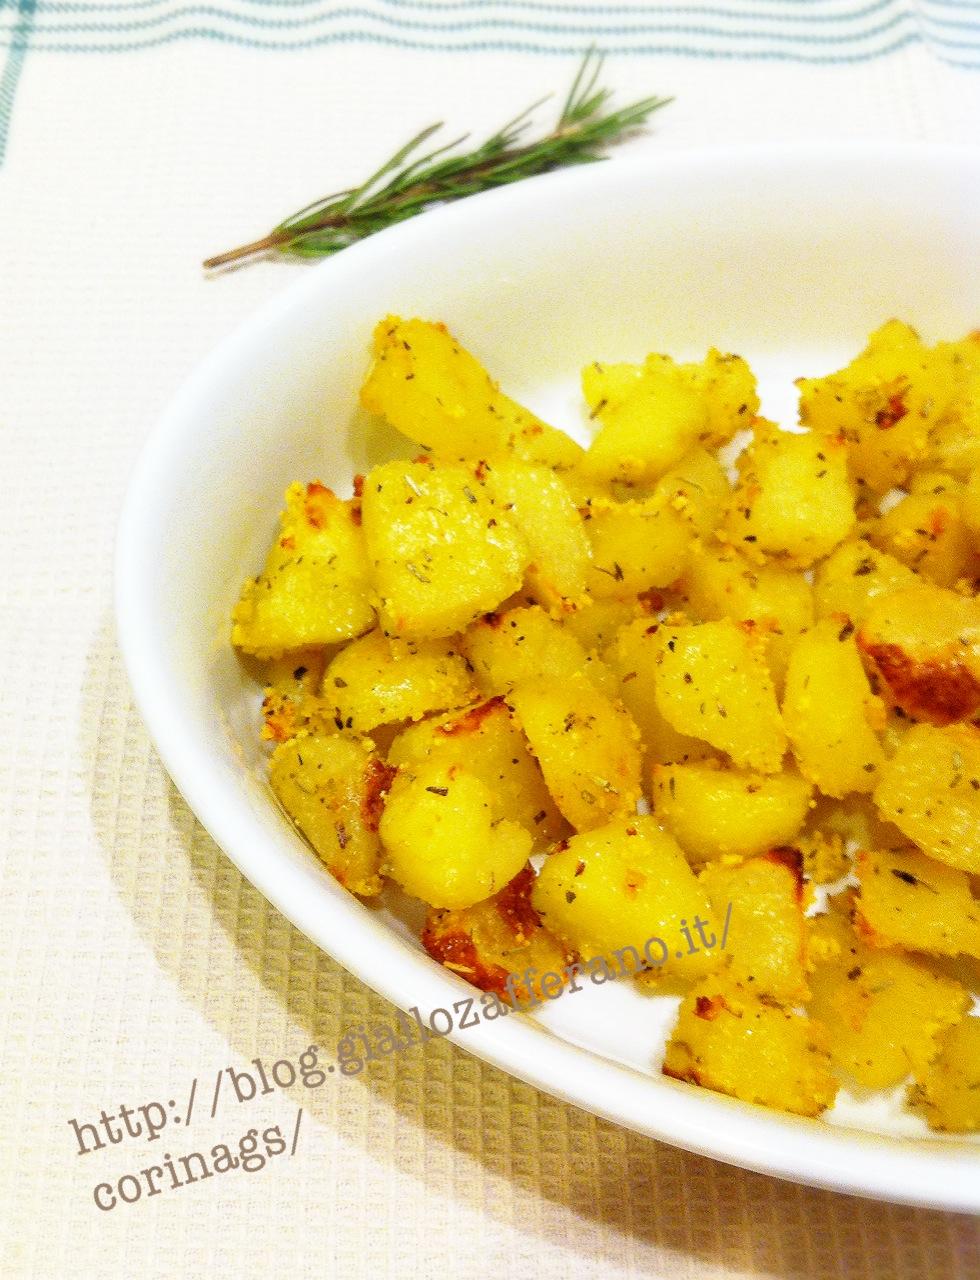 patate arrosto croccanti